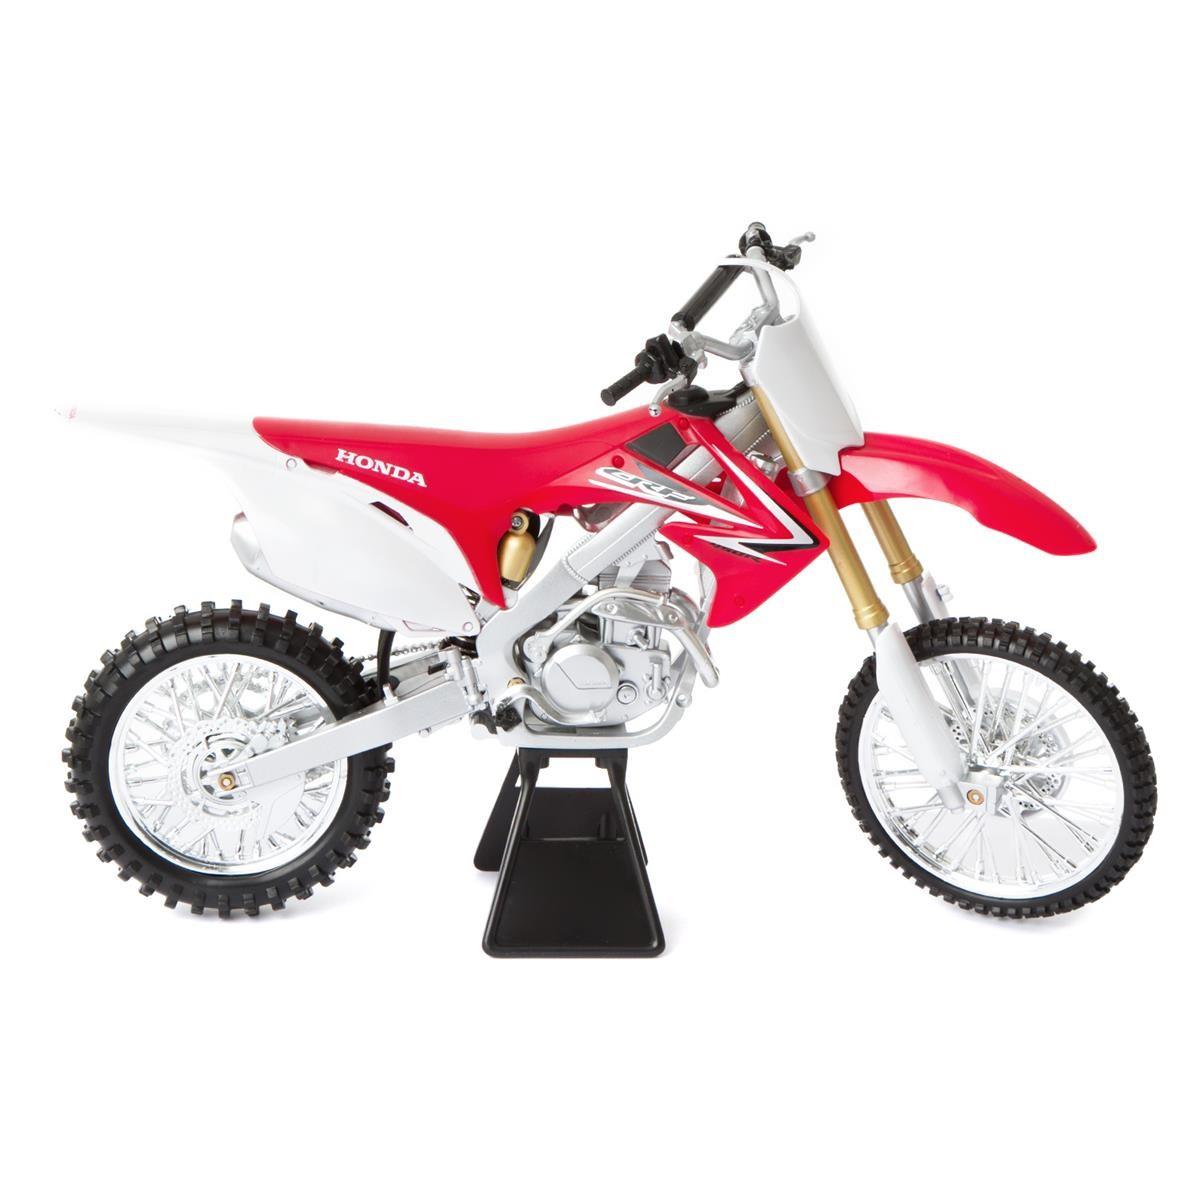 Miniatuur Motorradmodell Honda 1:6